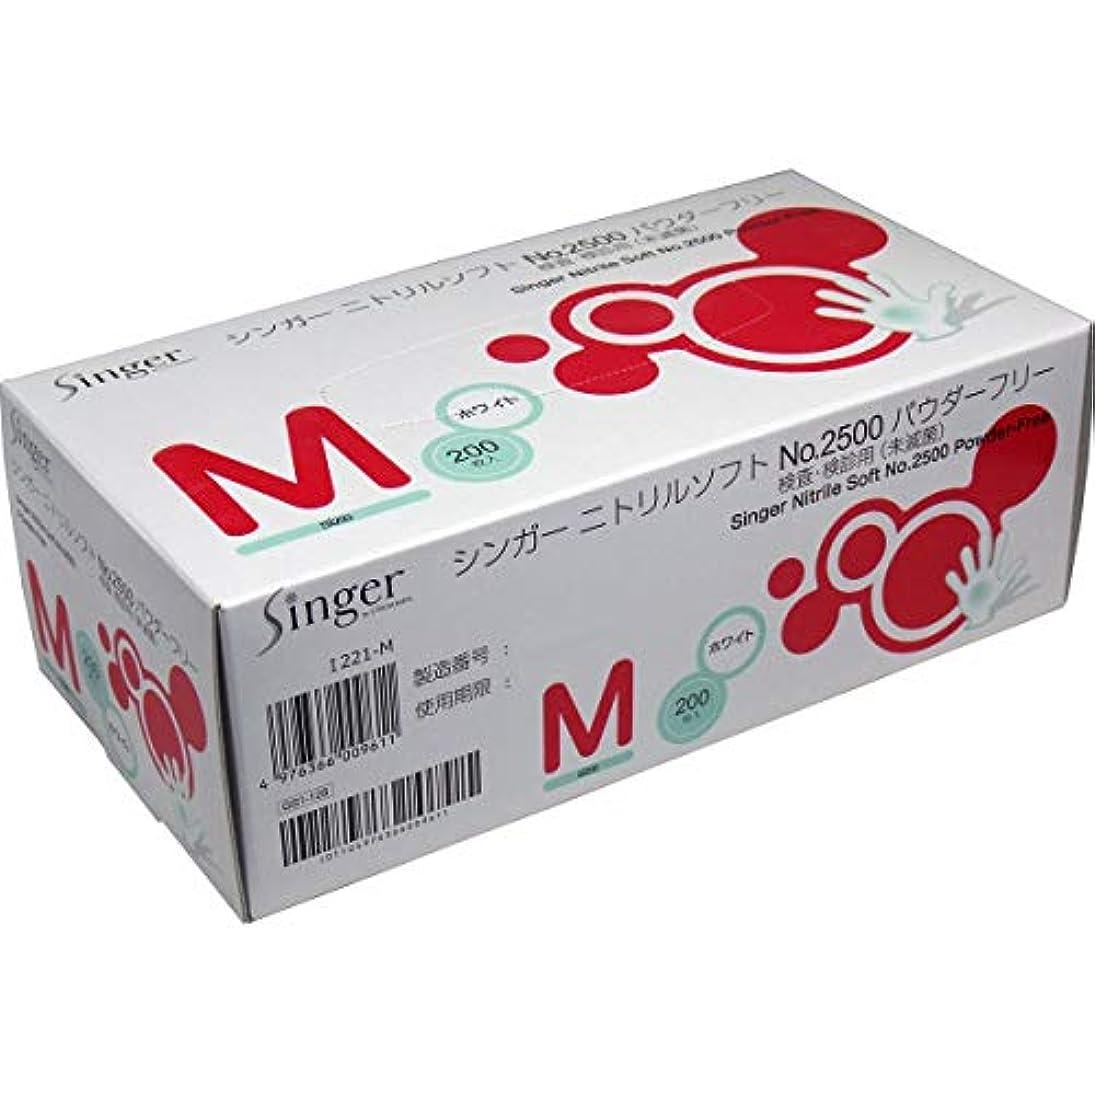 コロニアル閉塞オセアニアシンガーニトリルソフト No.2500 パウダーフリー ホワイト Mサイズ 200枚入×5個セット